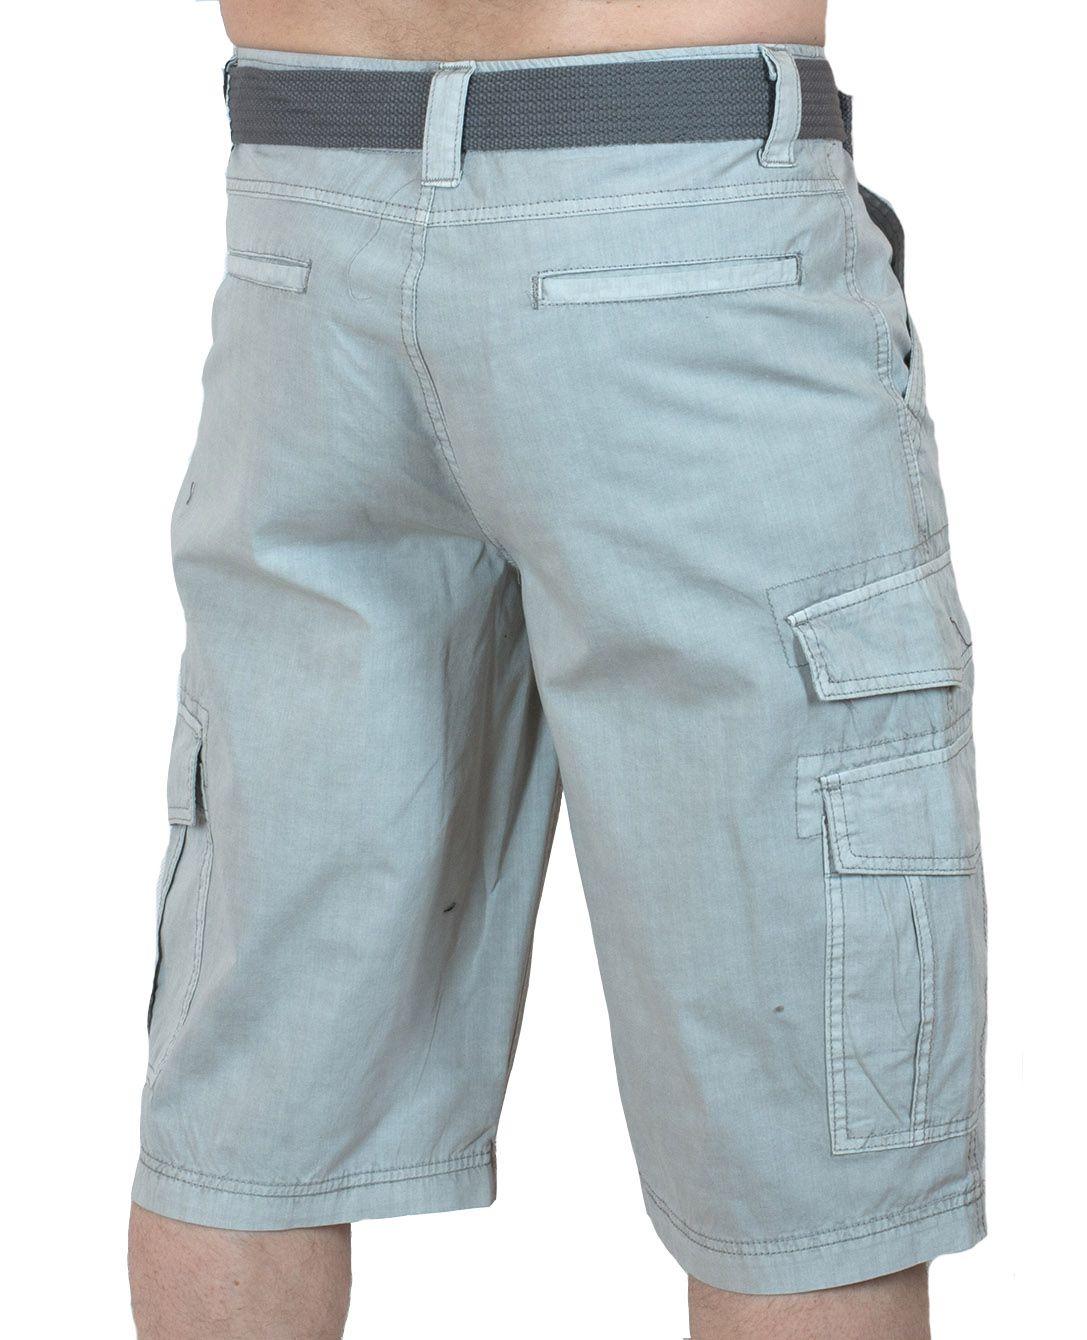 Светлые мужские шорты Carbon - вид сзади